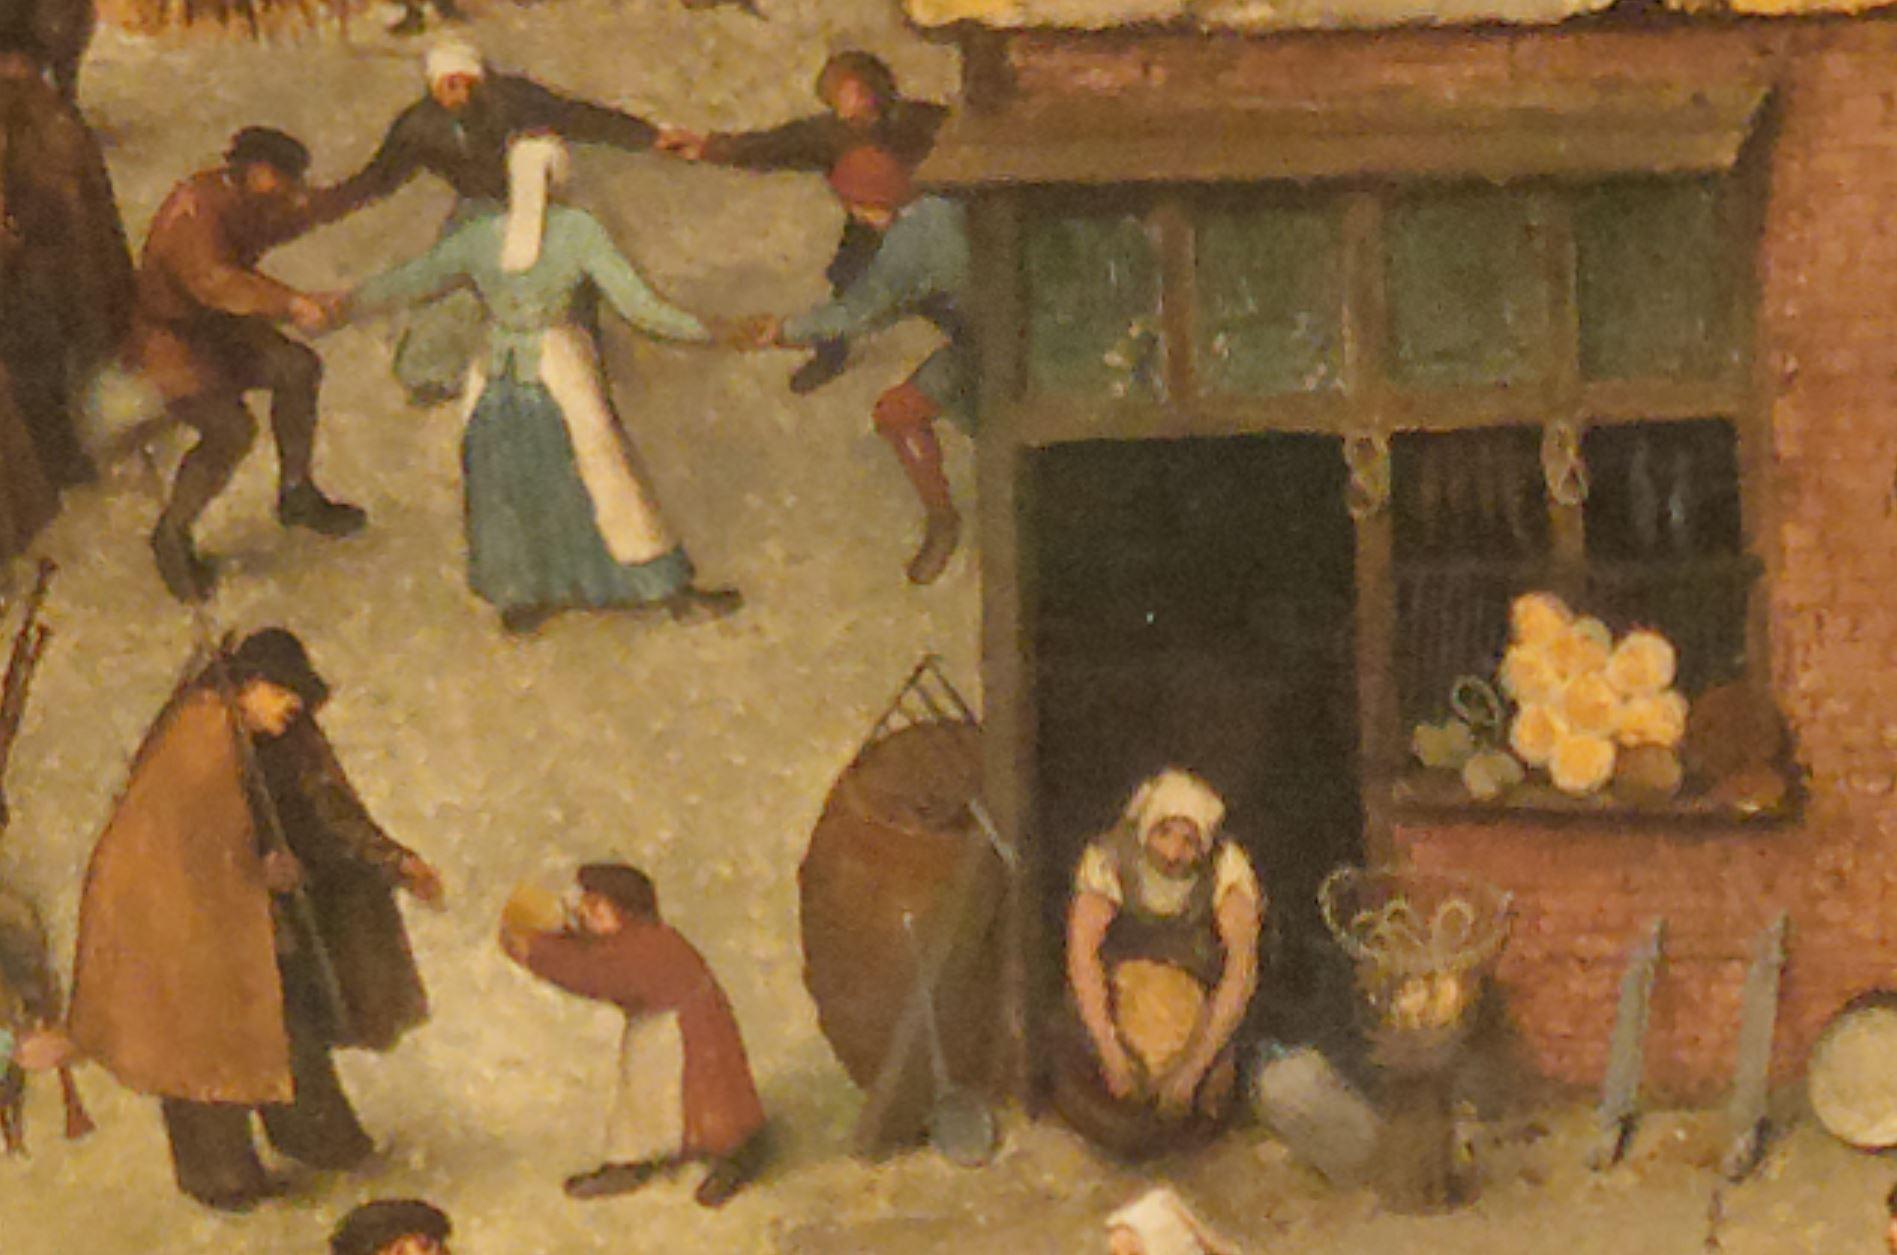 Pieter_II_Brueghel_Combat_de_Carnaval_et_Careme_detail